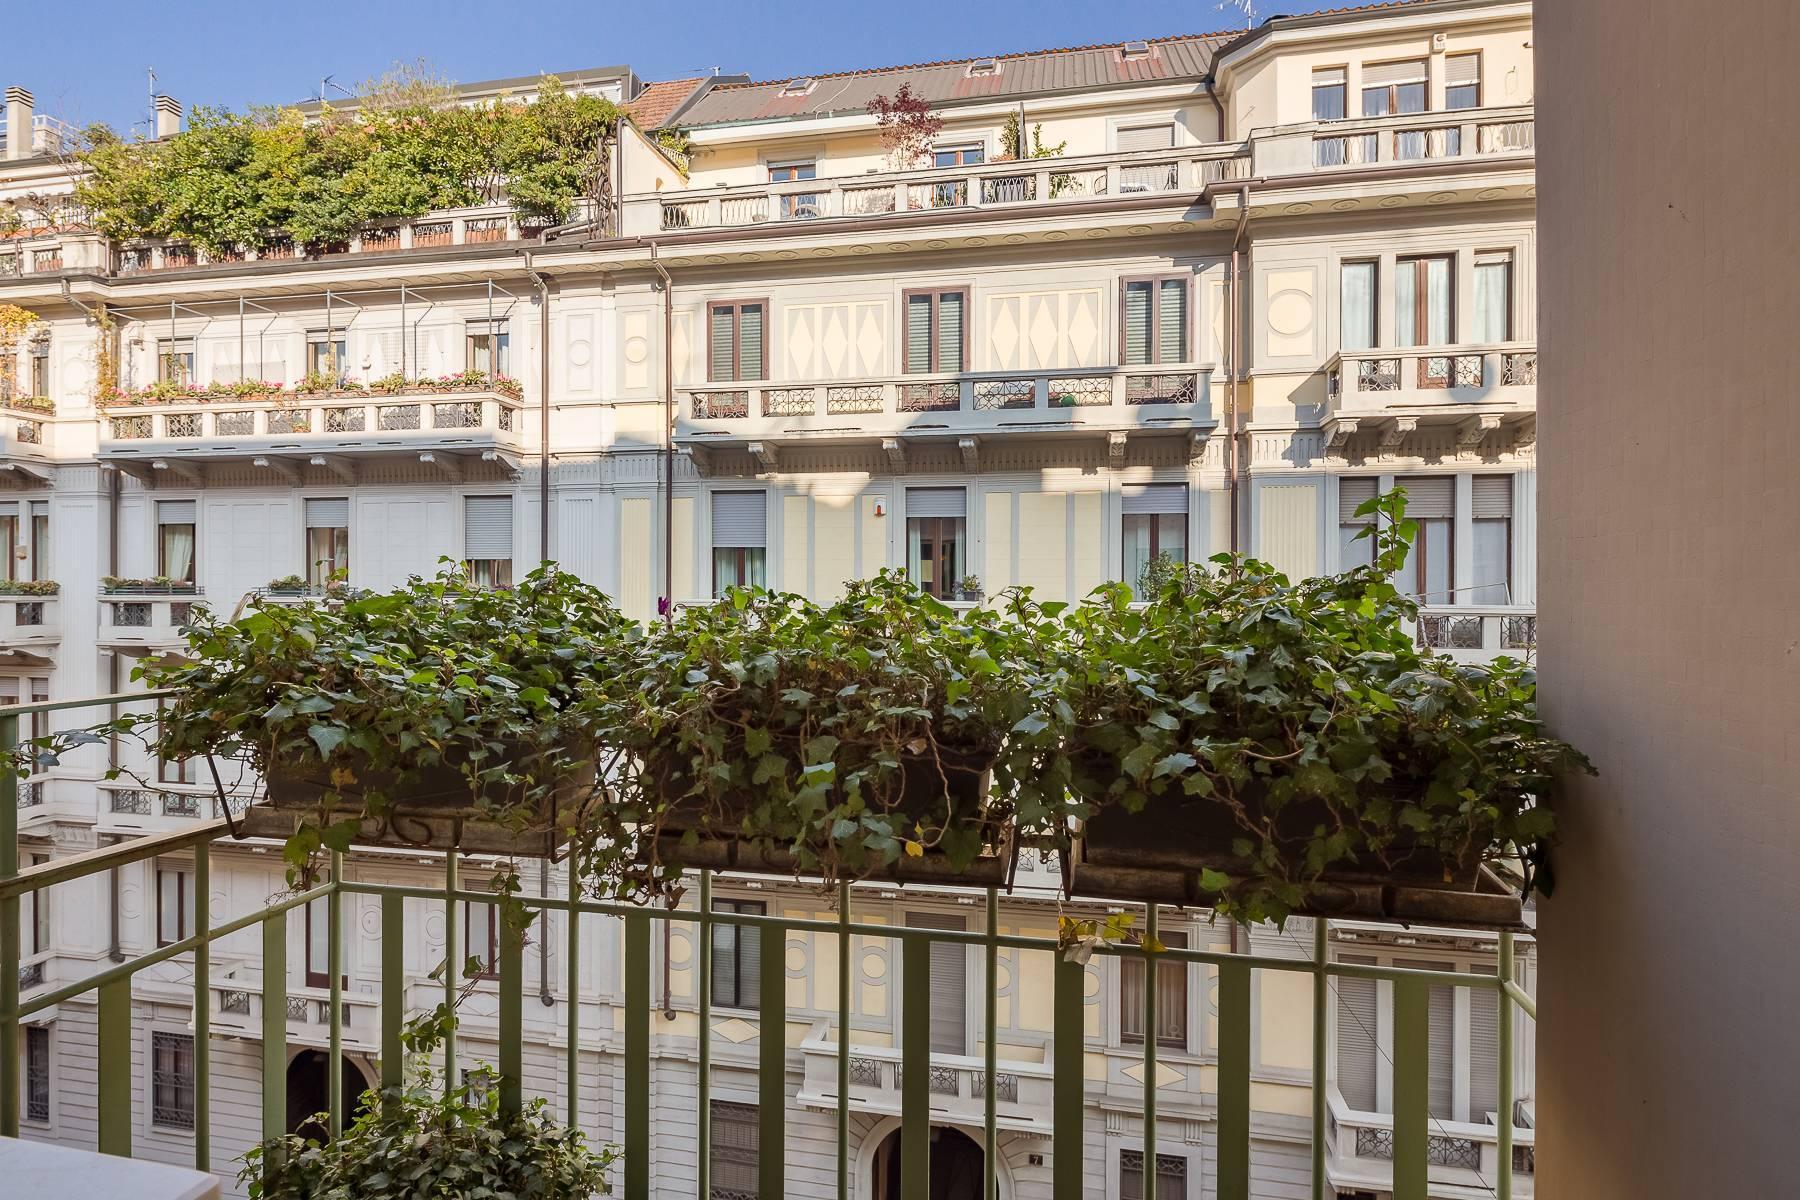 Appartement de style classique situé Via Besana - 25